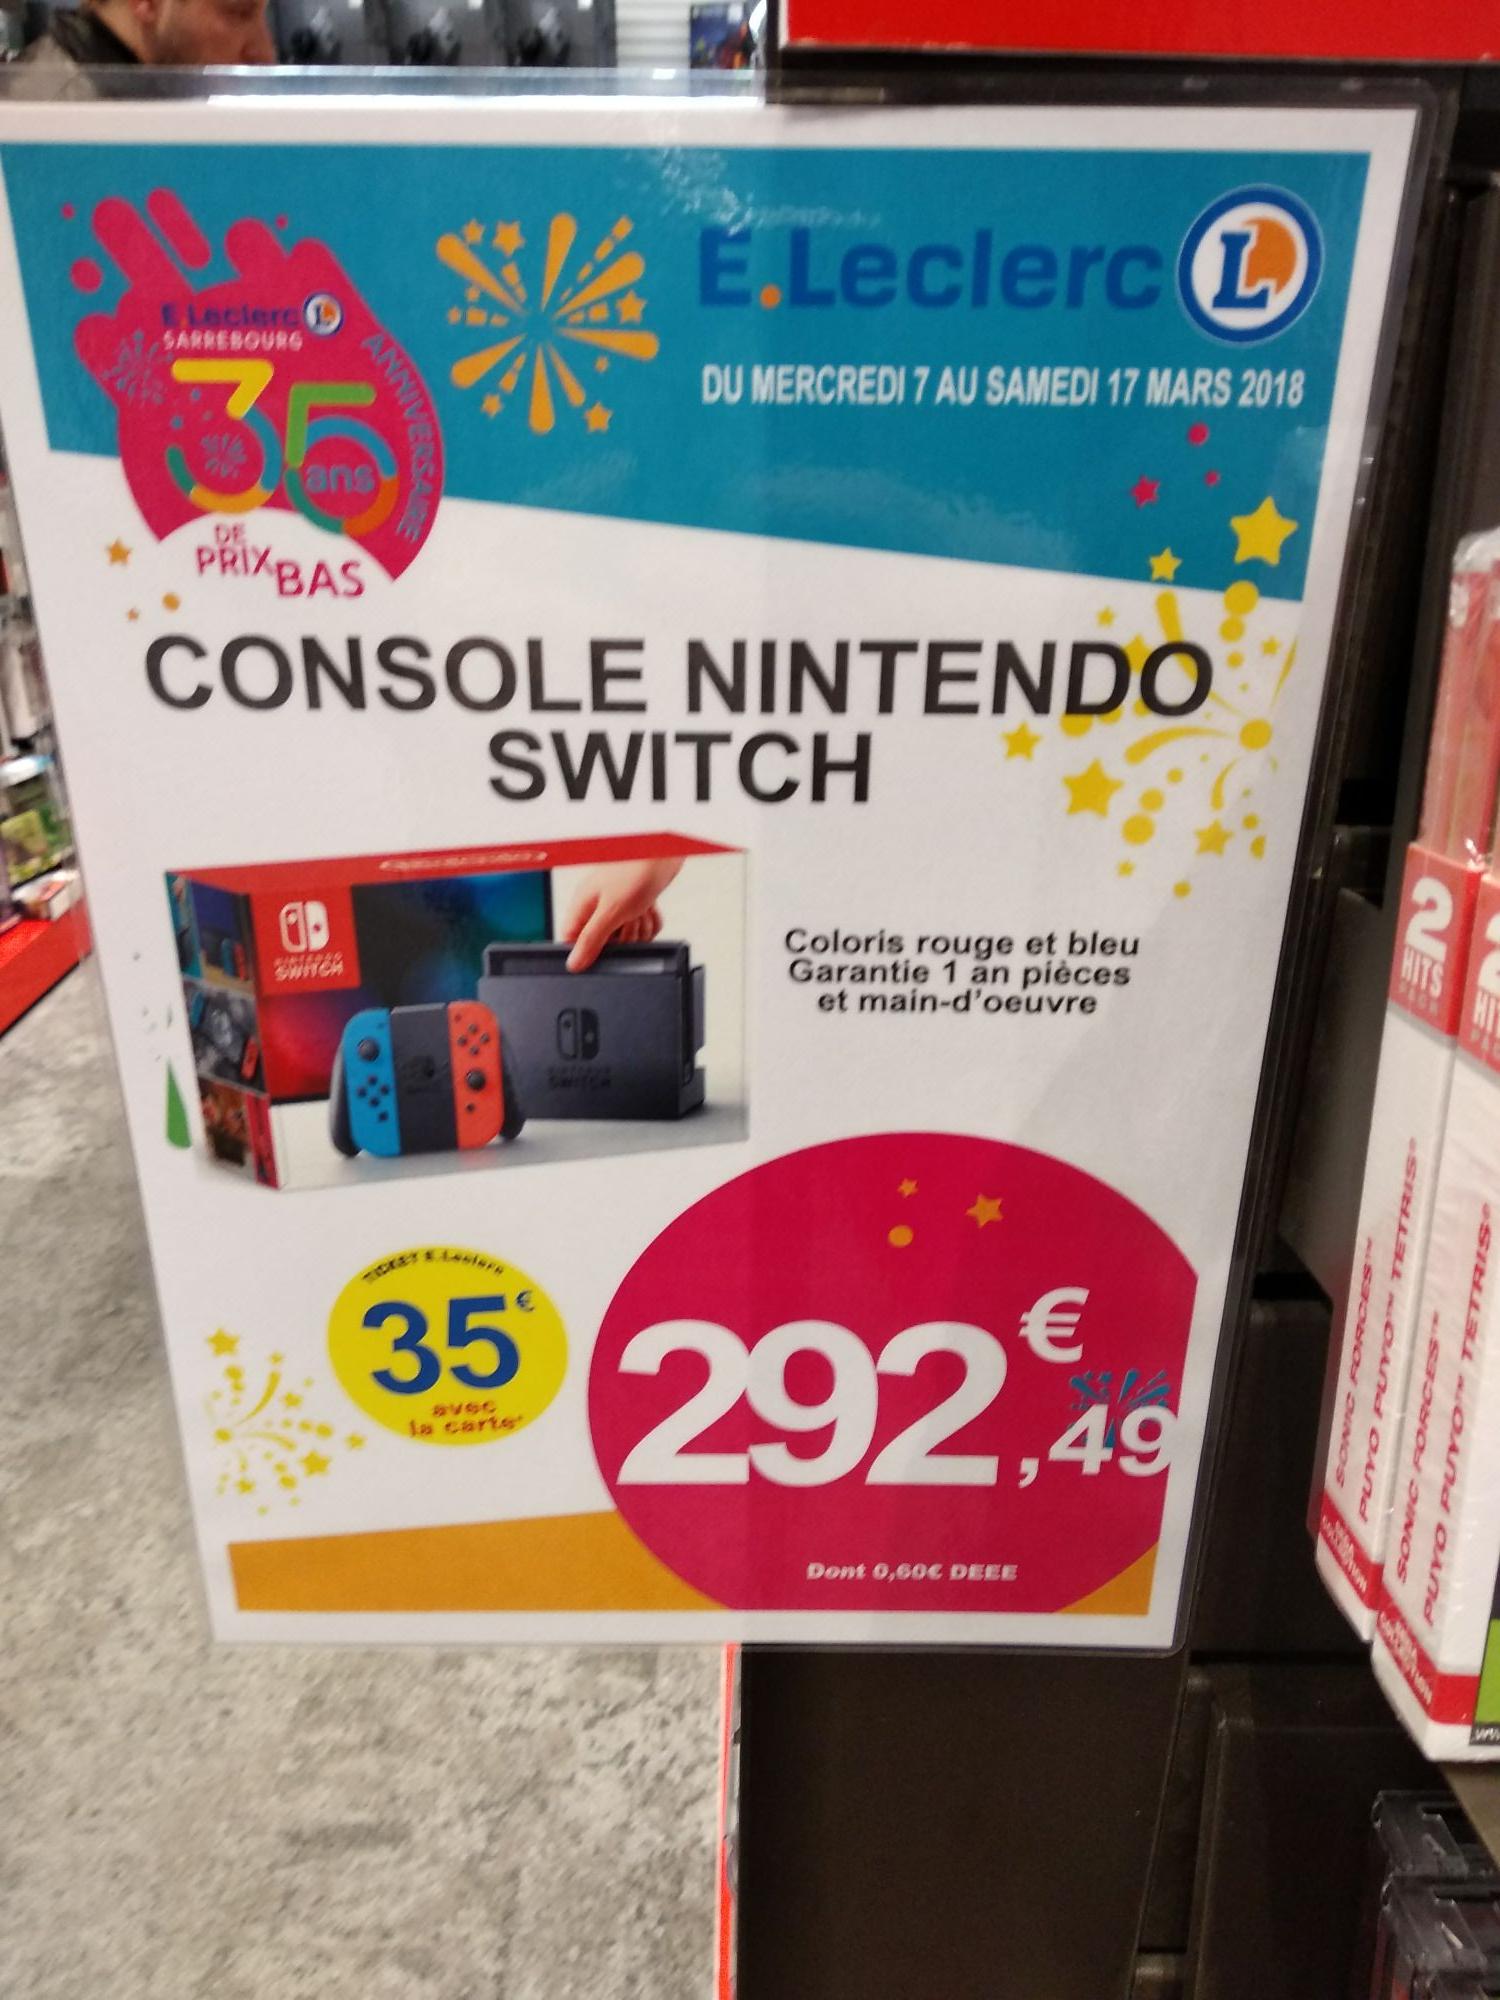 Console Nintendo Switch à 257.99 (via 35 euros sur la carte) à Leclerc Sarrebourg (57)